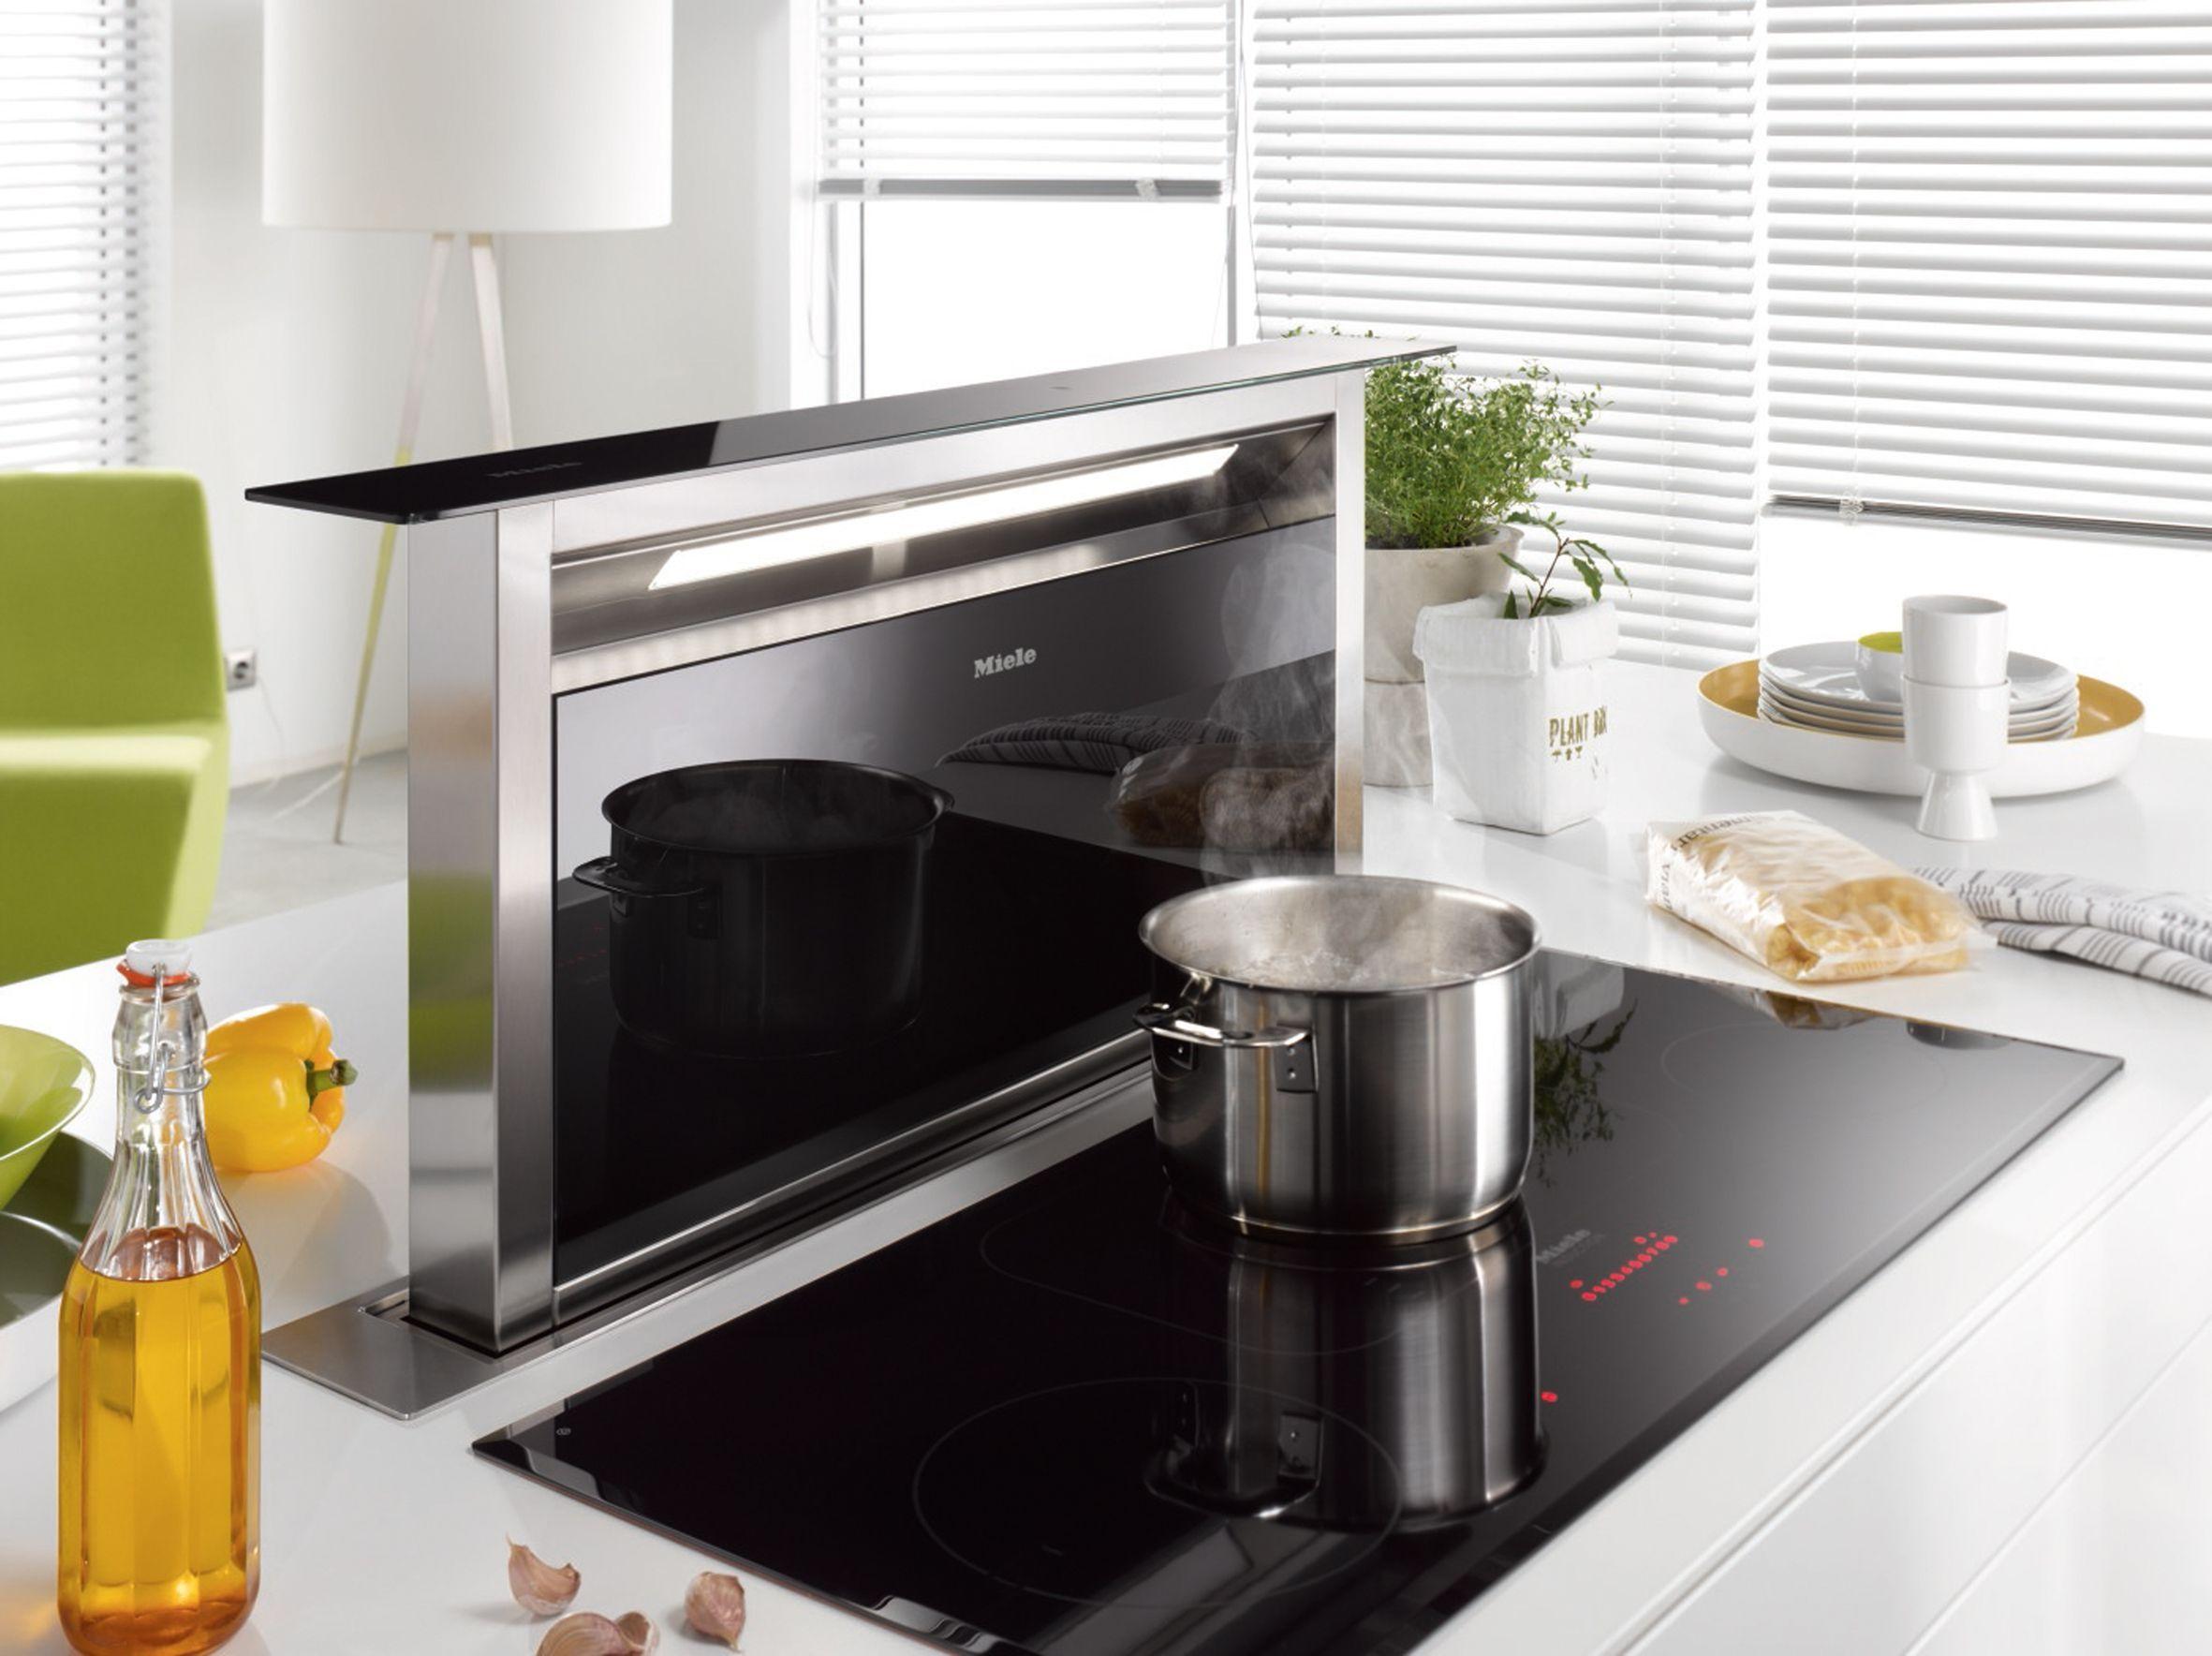 Küche Insel Kochfeld Wenn es um die Malerei Ihre Küche Tisch und ...